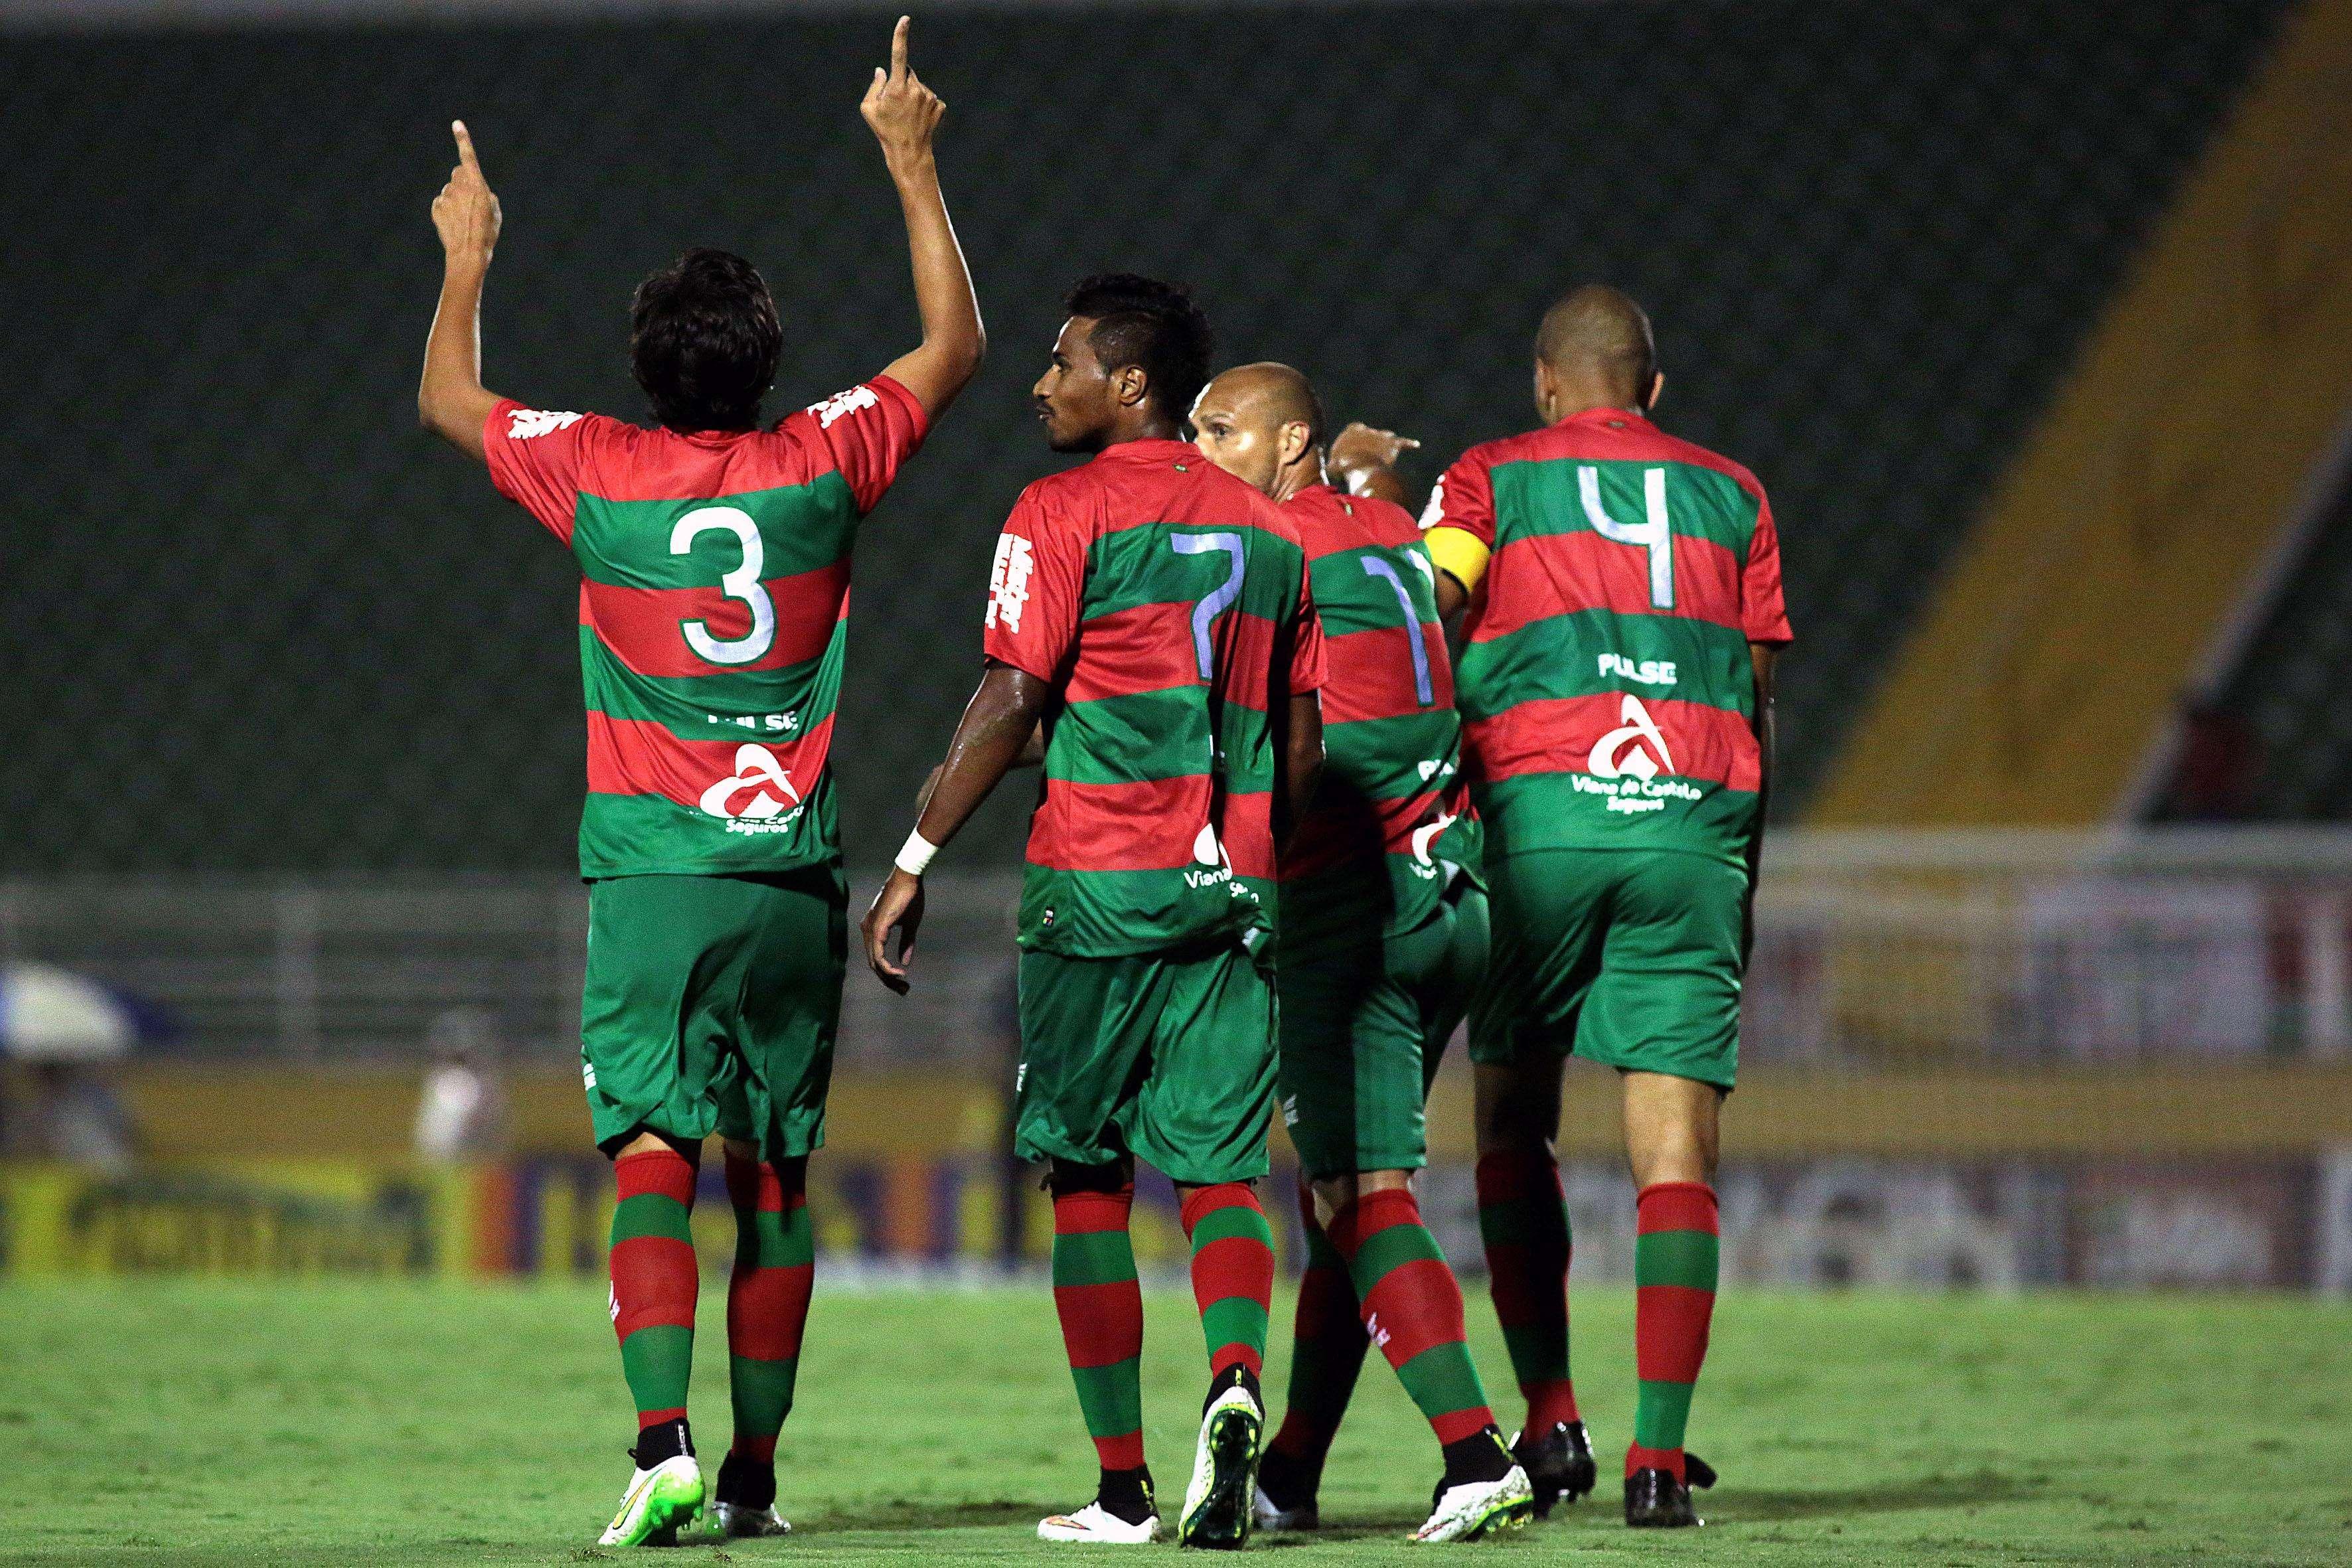 Portuguesa chegou à virada com um golaço aos 43min do segundo tempo Foto: Luís Moura / WPP/Gazeta Press